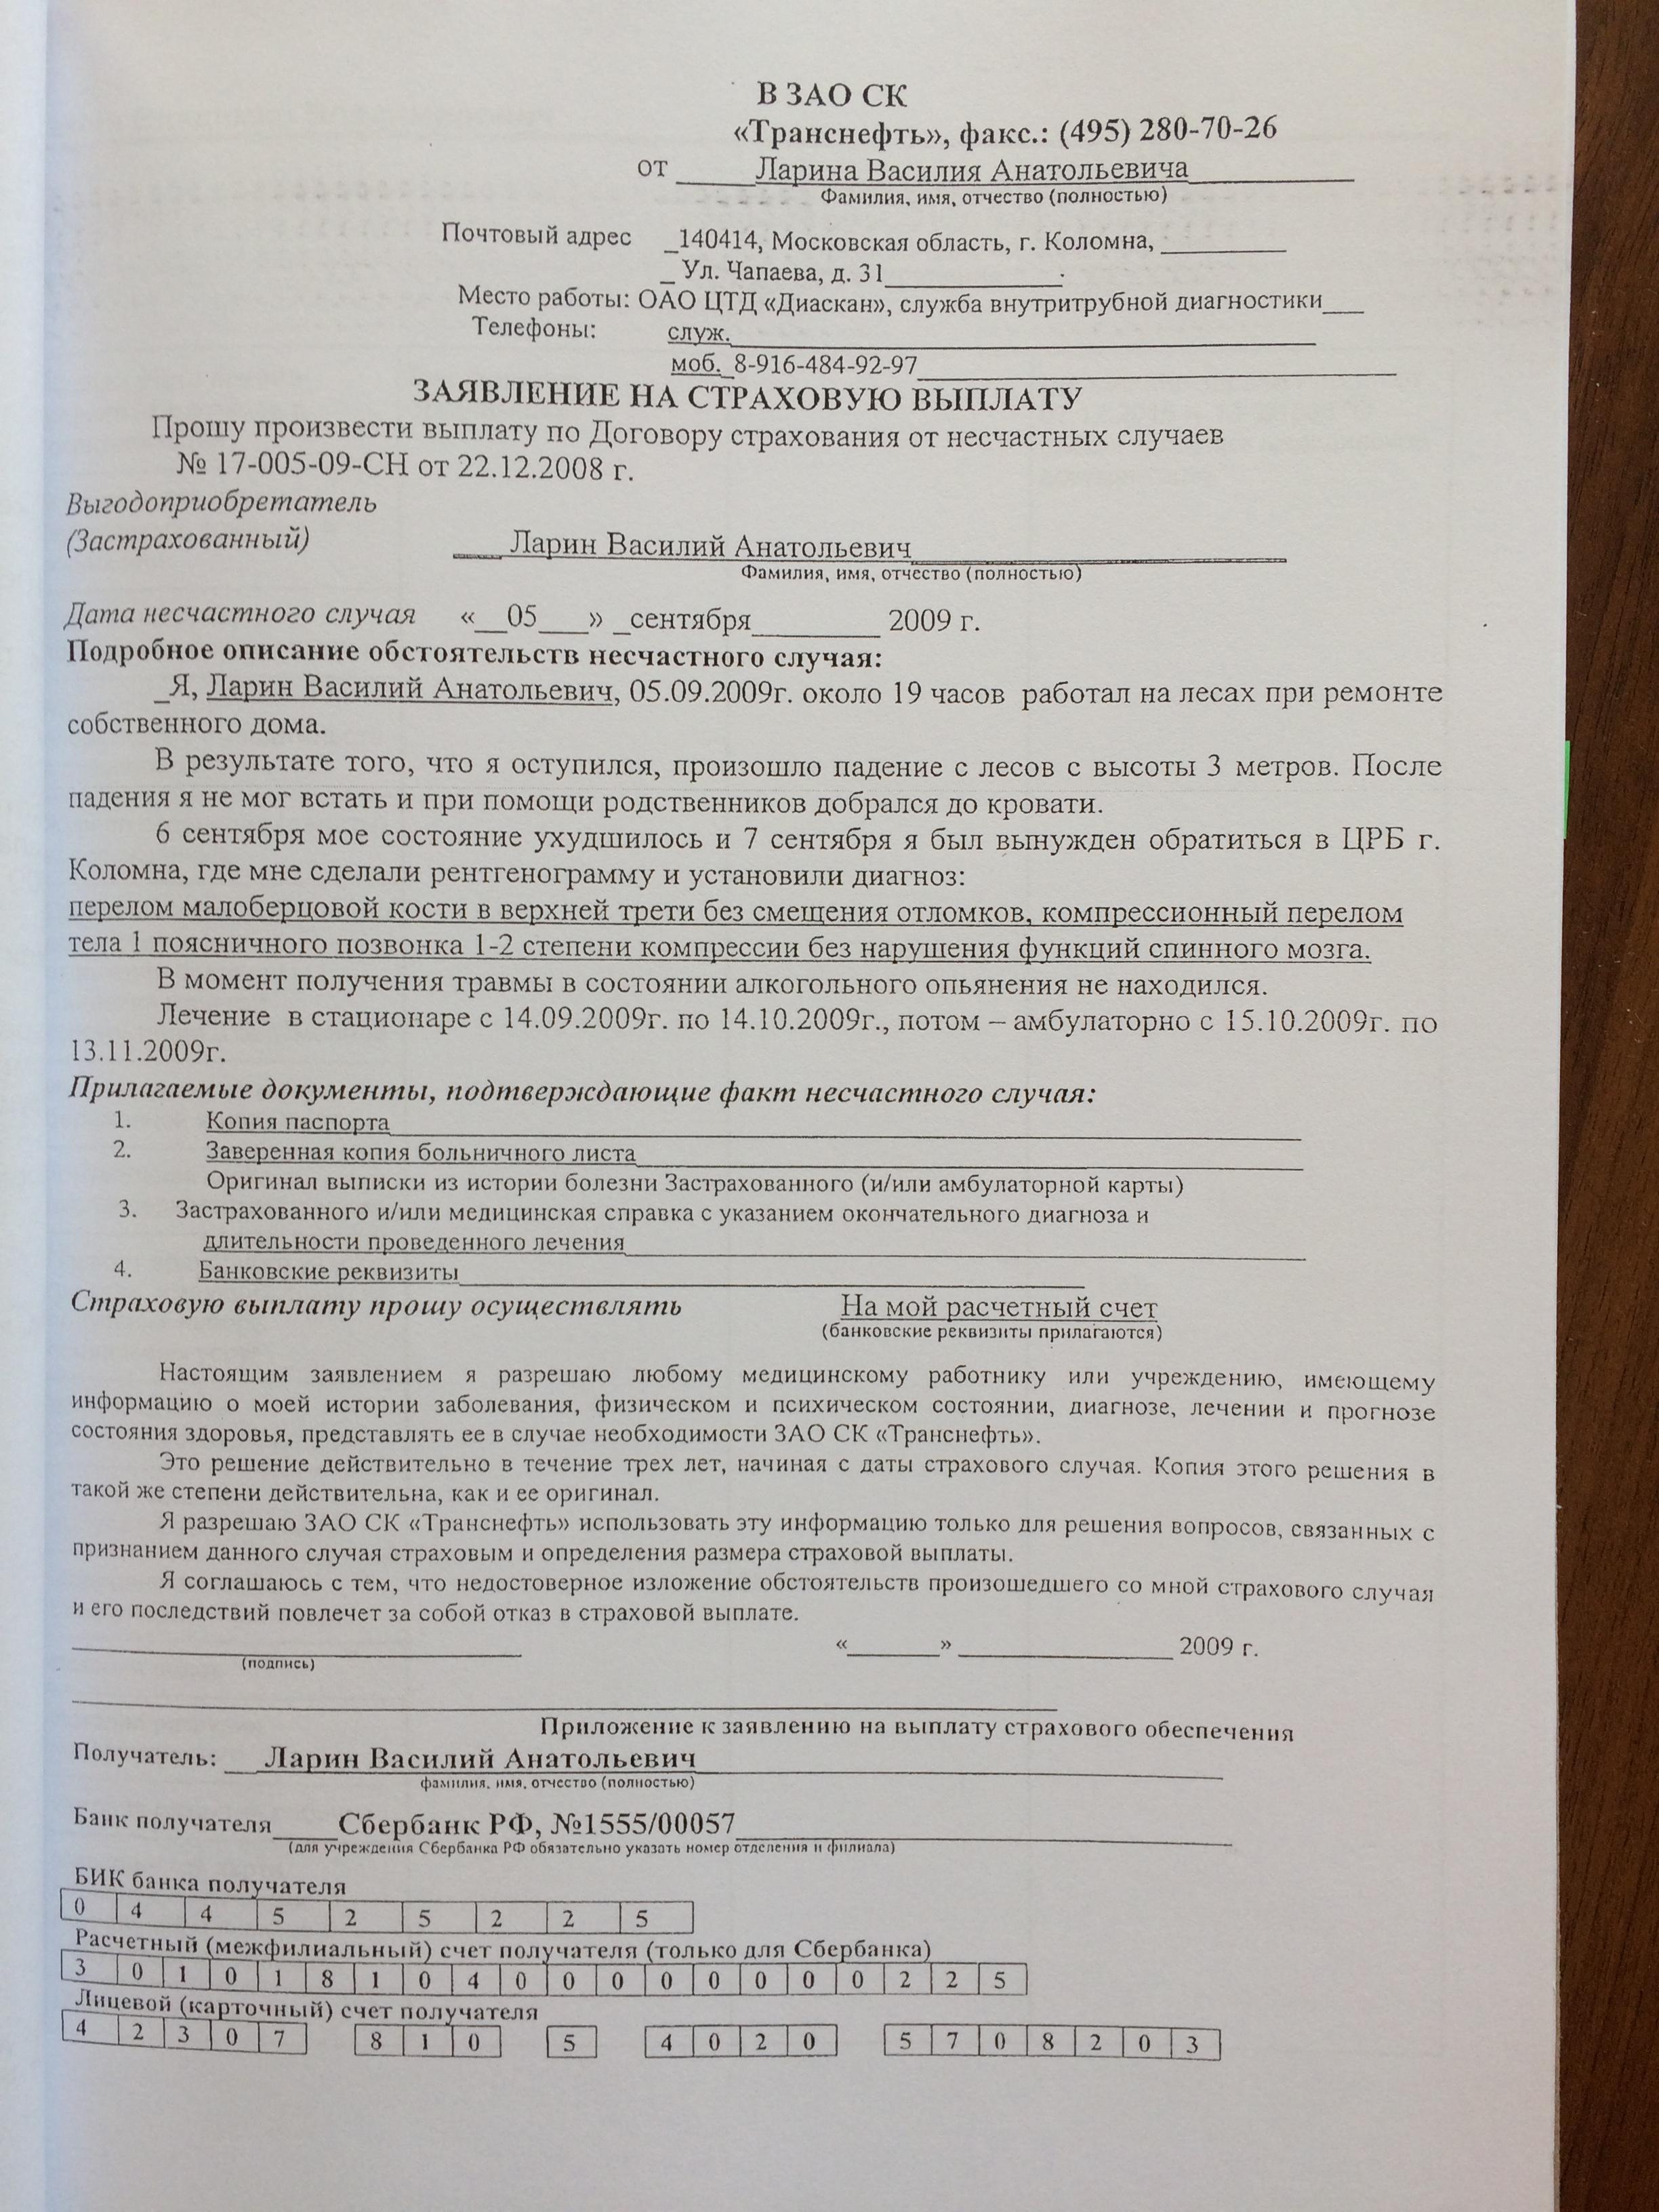 Фото документов проверки Луховицкой городской прокуратурой - 73 (5)